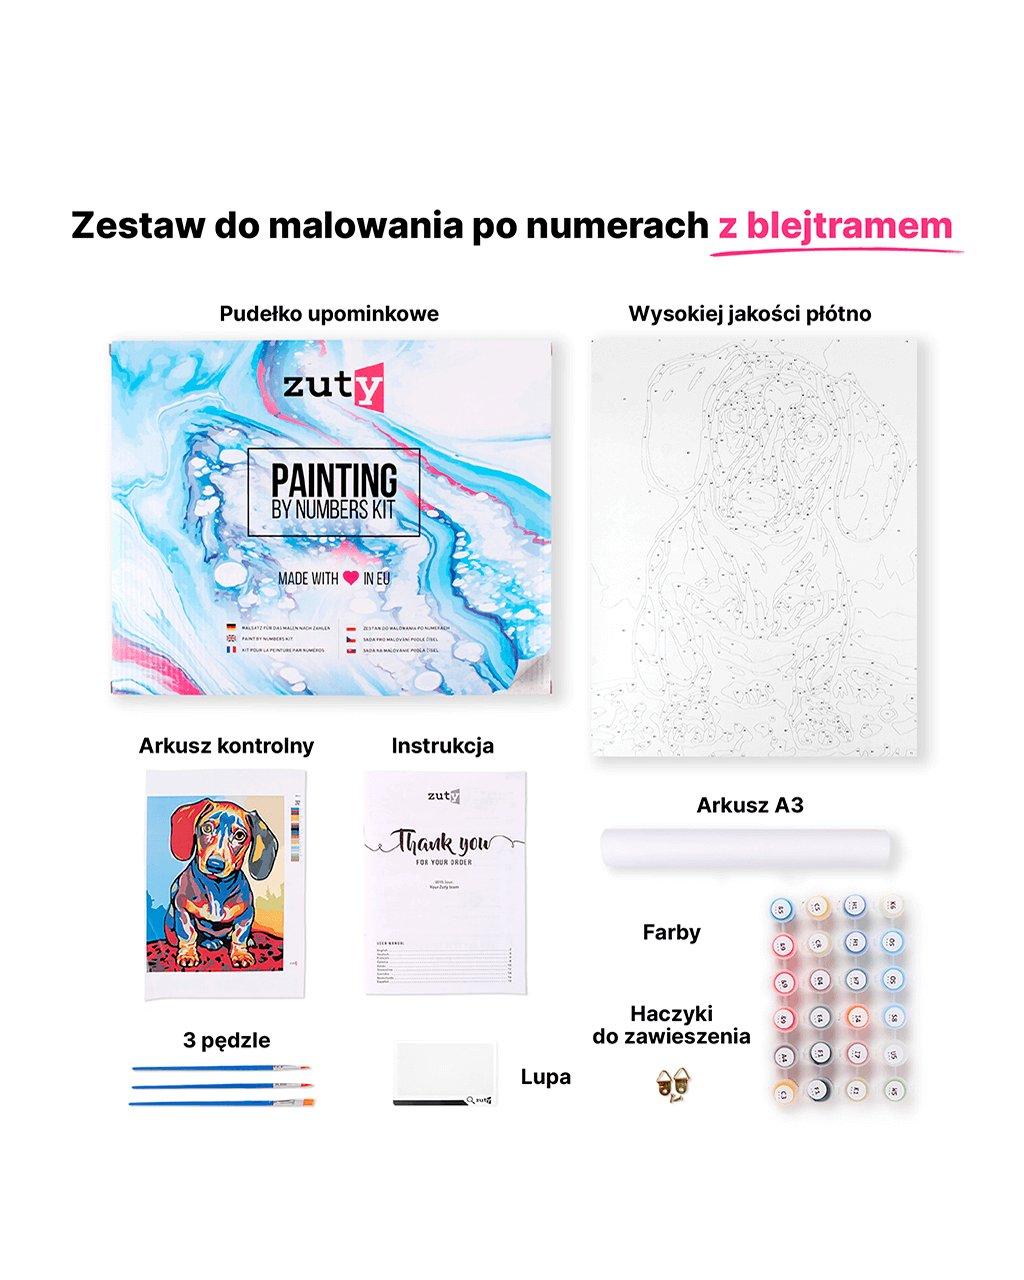 Malowanie po numerach – Moskiewski Kreml